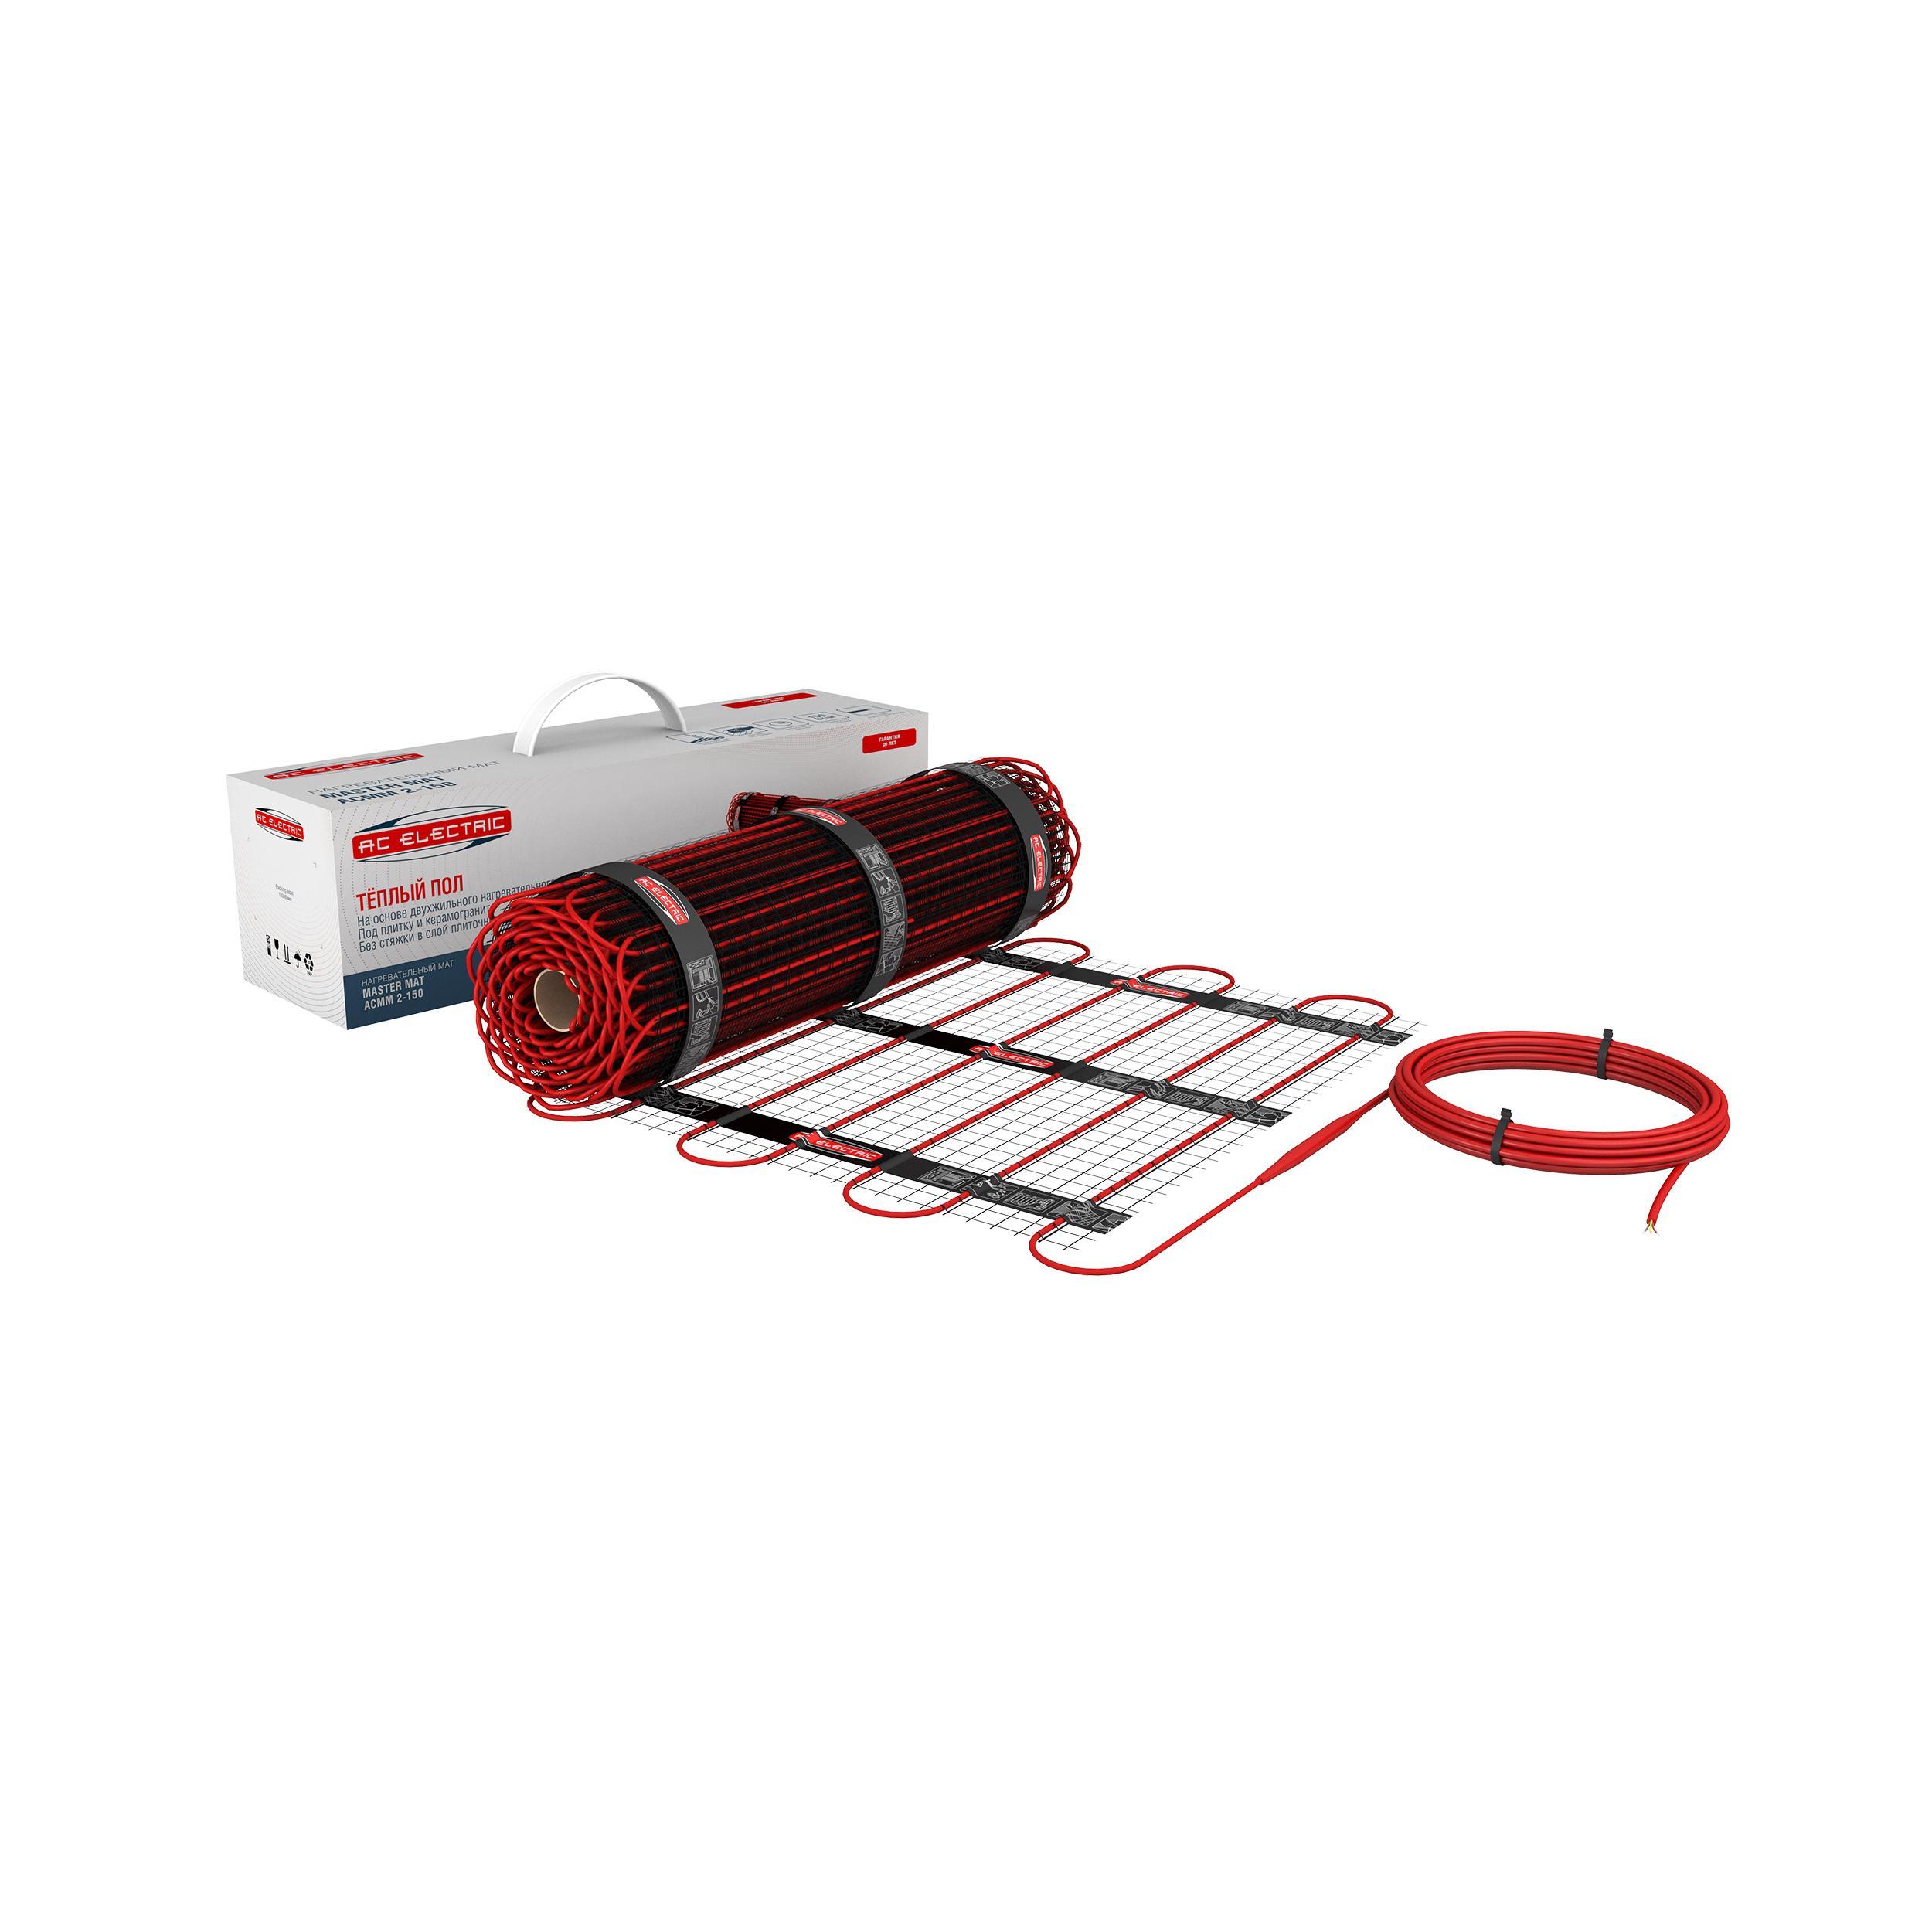 лучшая цена Нагревательный мат Ac electric Acmm 2-150-4 НС-1179159